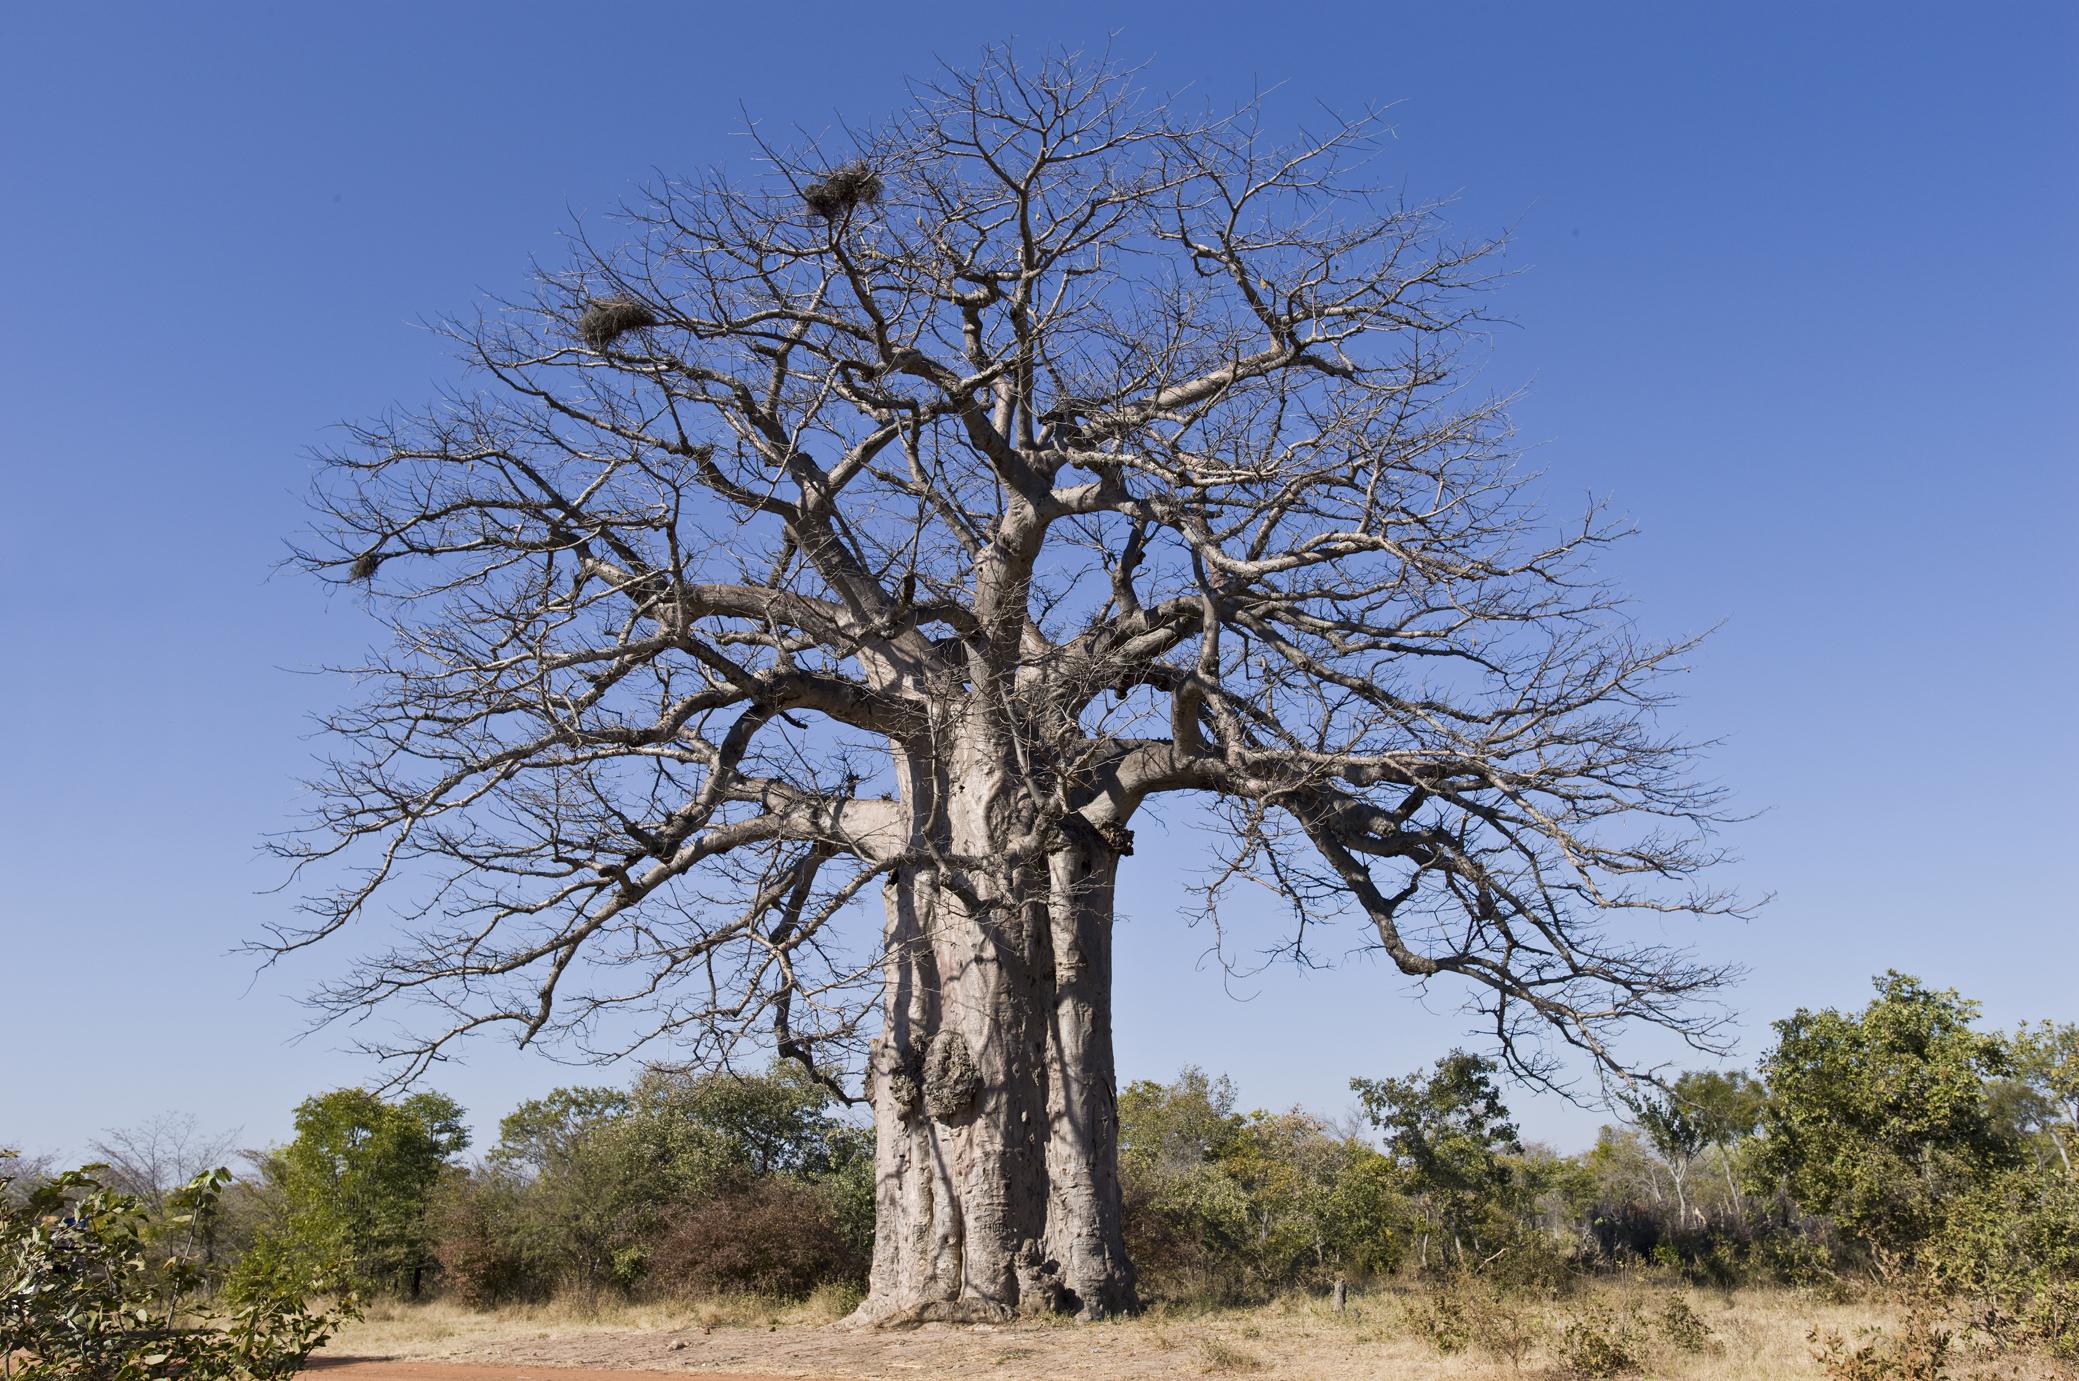 Photo of Imbondeiro Tree